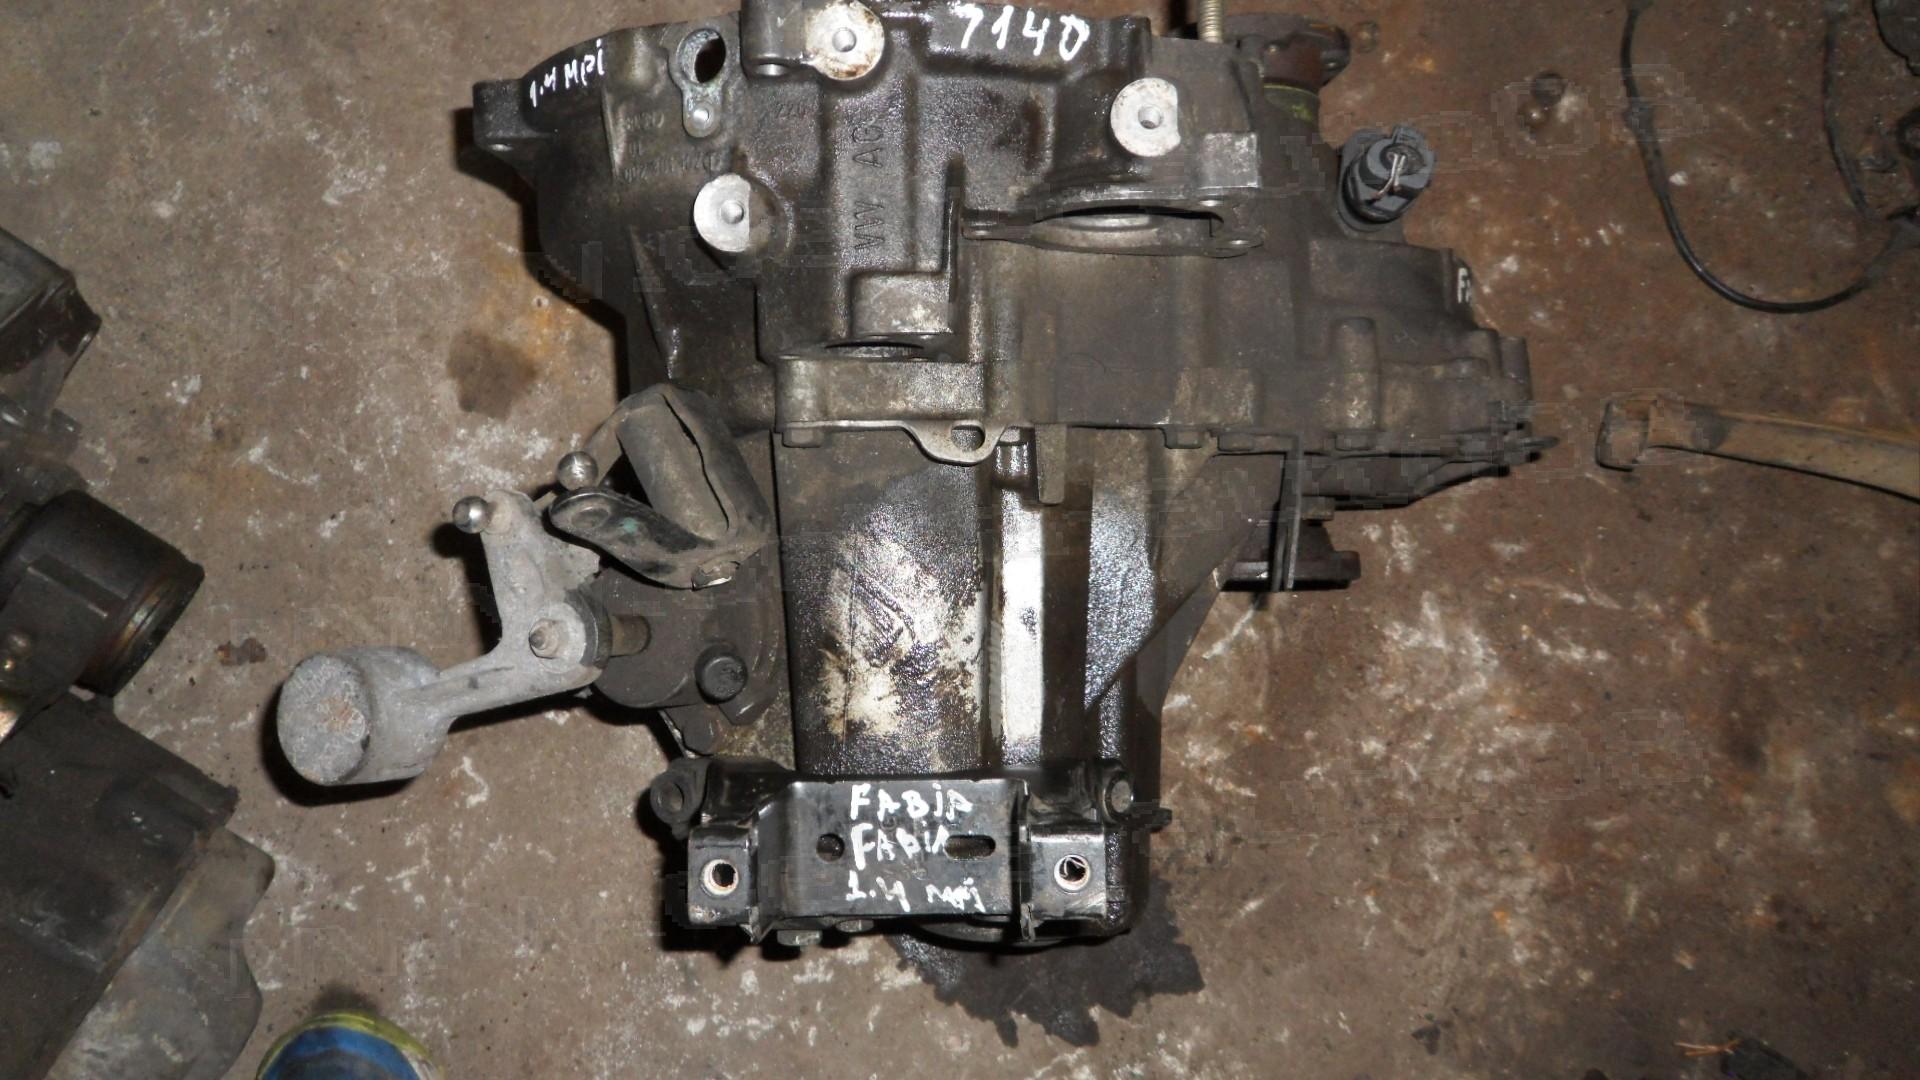 Ръчна скоростна кутия за Skoda Fabia, 1.4 MPI, 8V, 1999-2008г., 002 301 107 T, 002301107T - 5 скорости